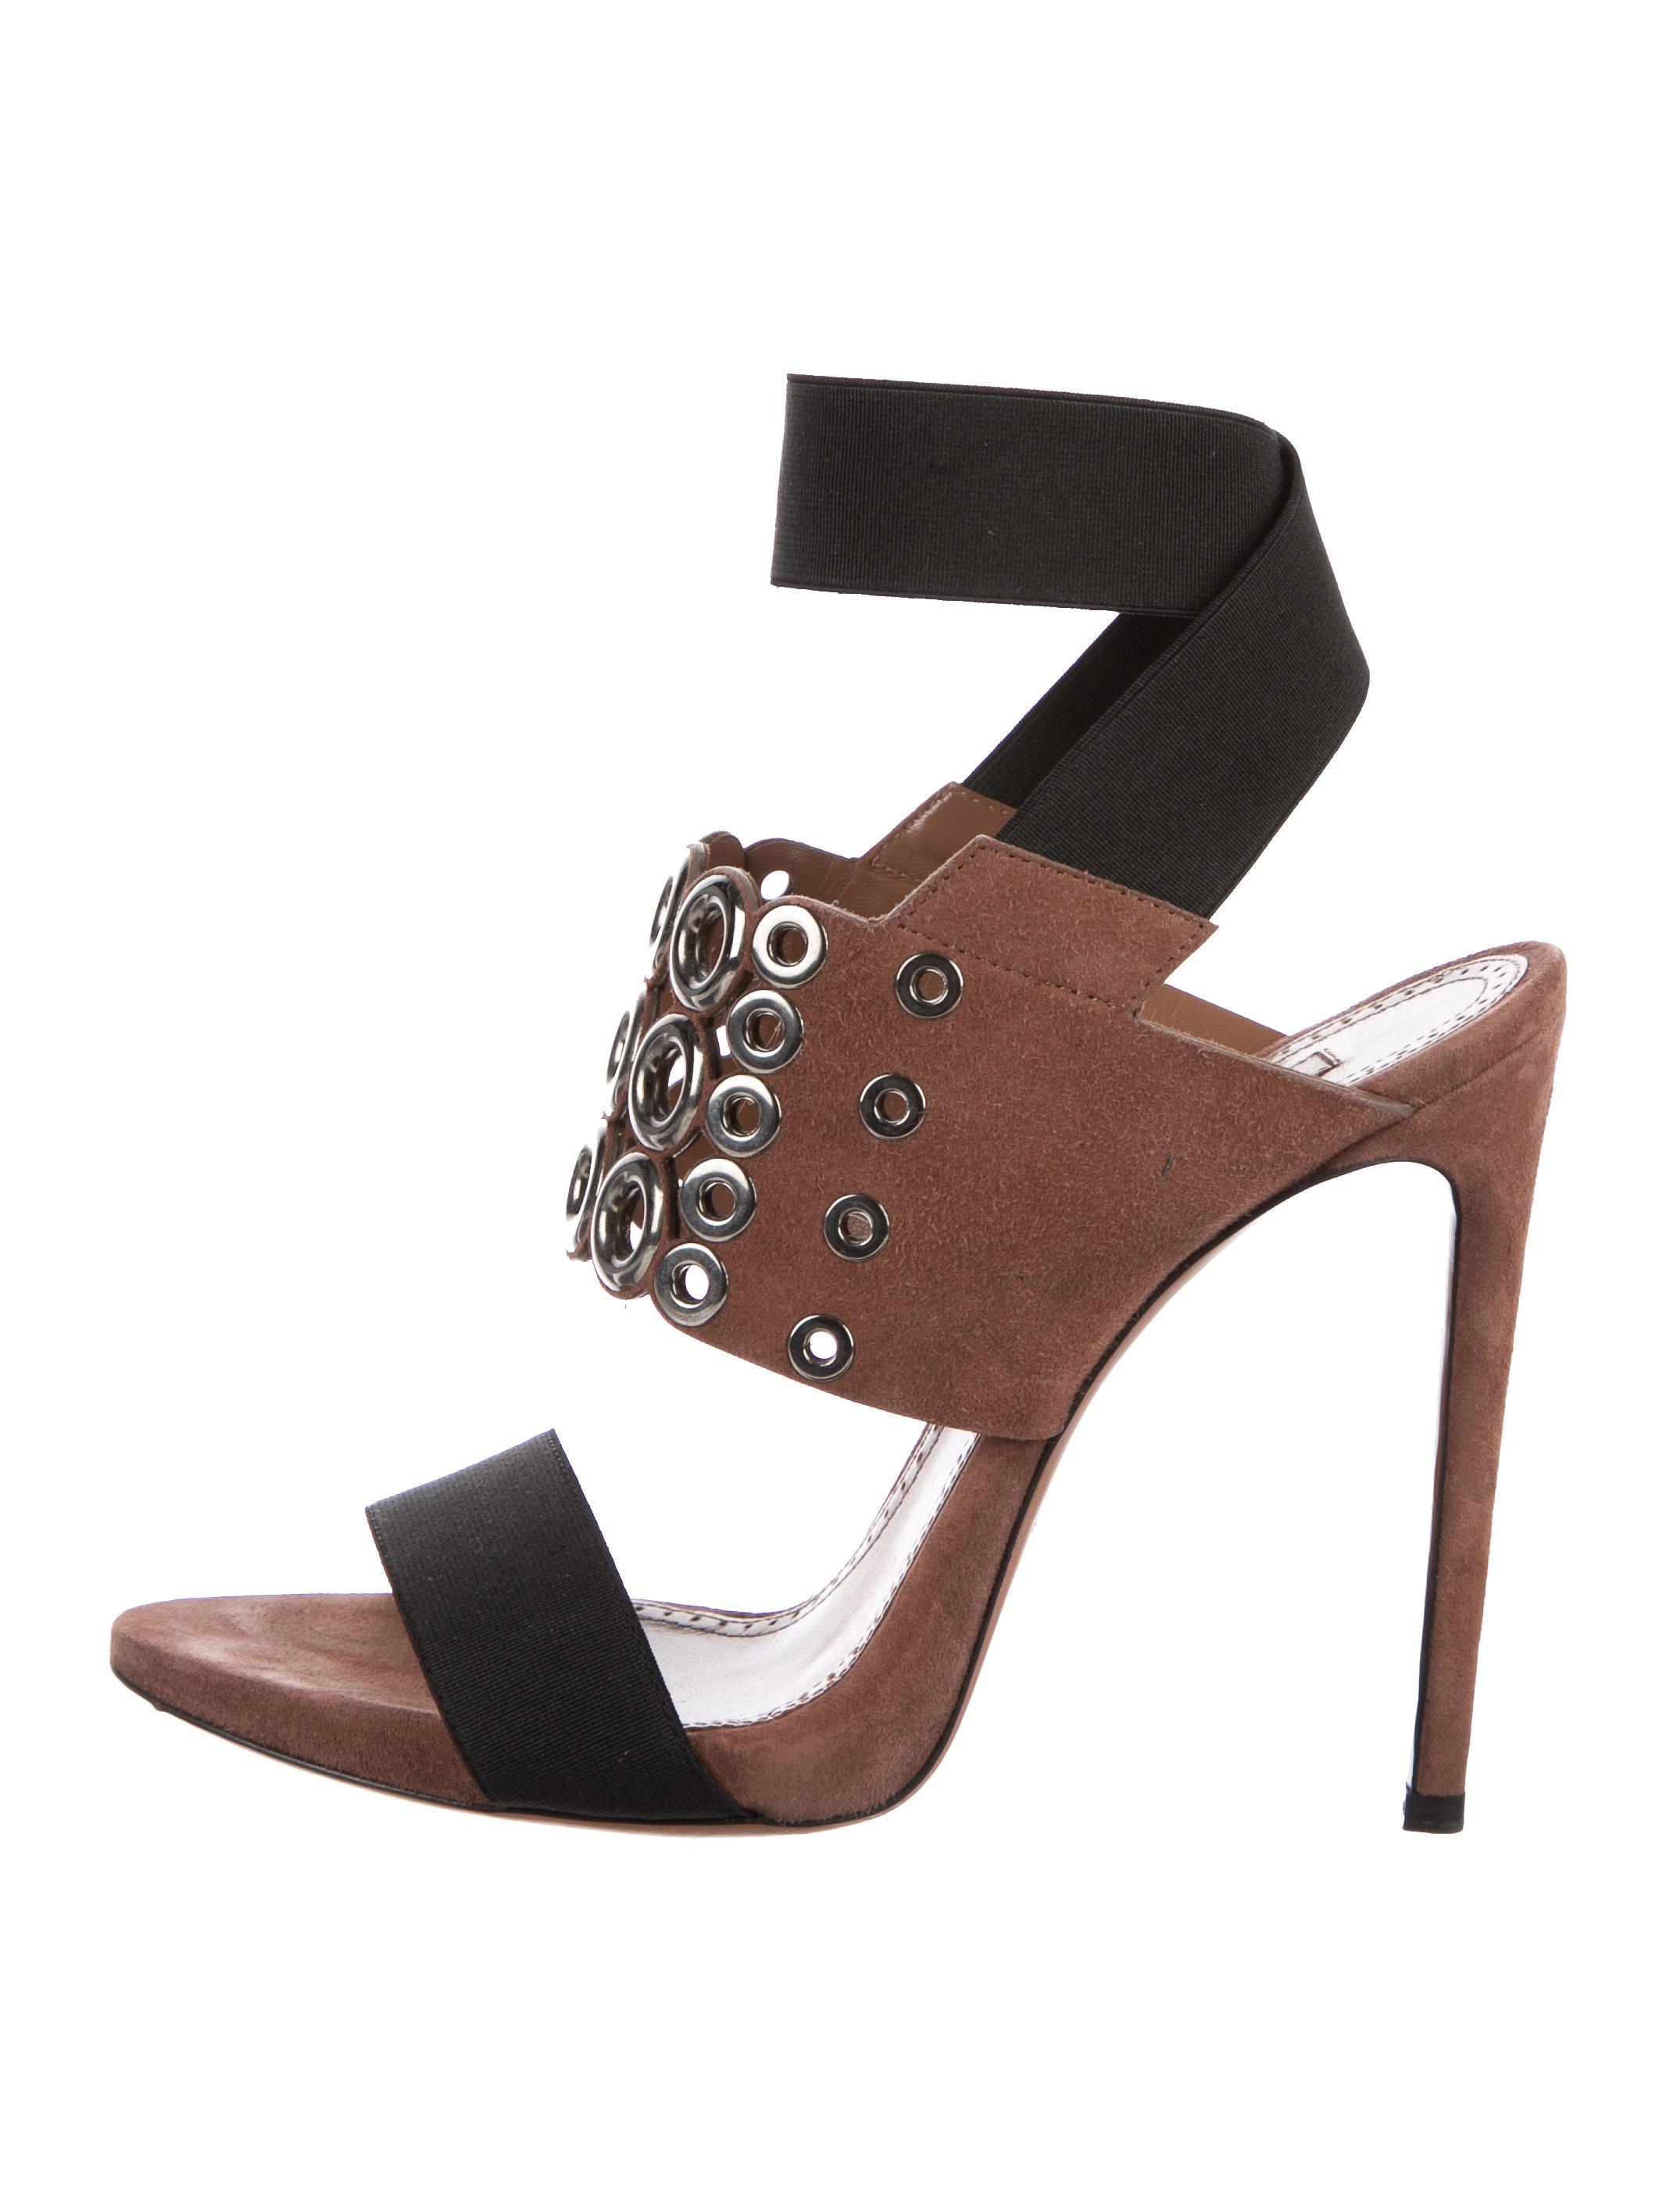 Alaïa Grommet Suede Sandals cheap sale low cost official site cheap online pictures cheap price sale high quality VqGWncieXe